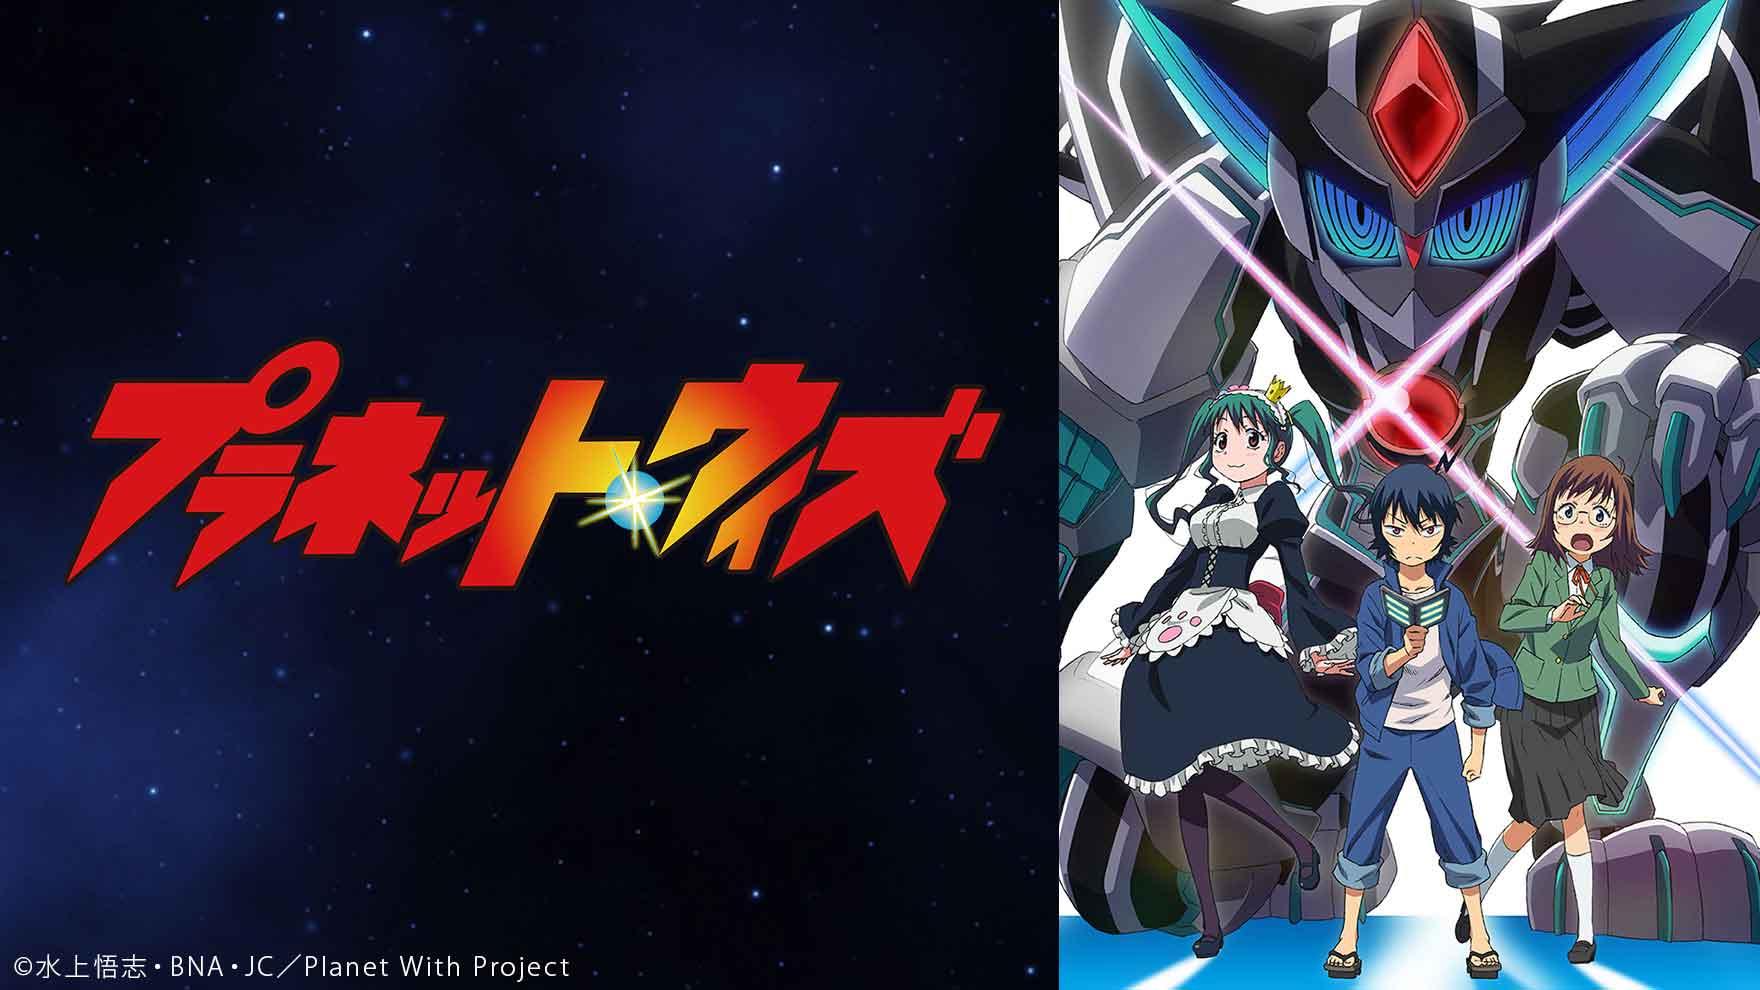 ロボットアニメのアニメ